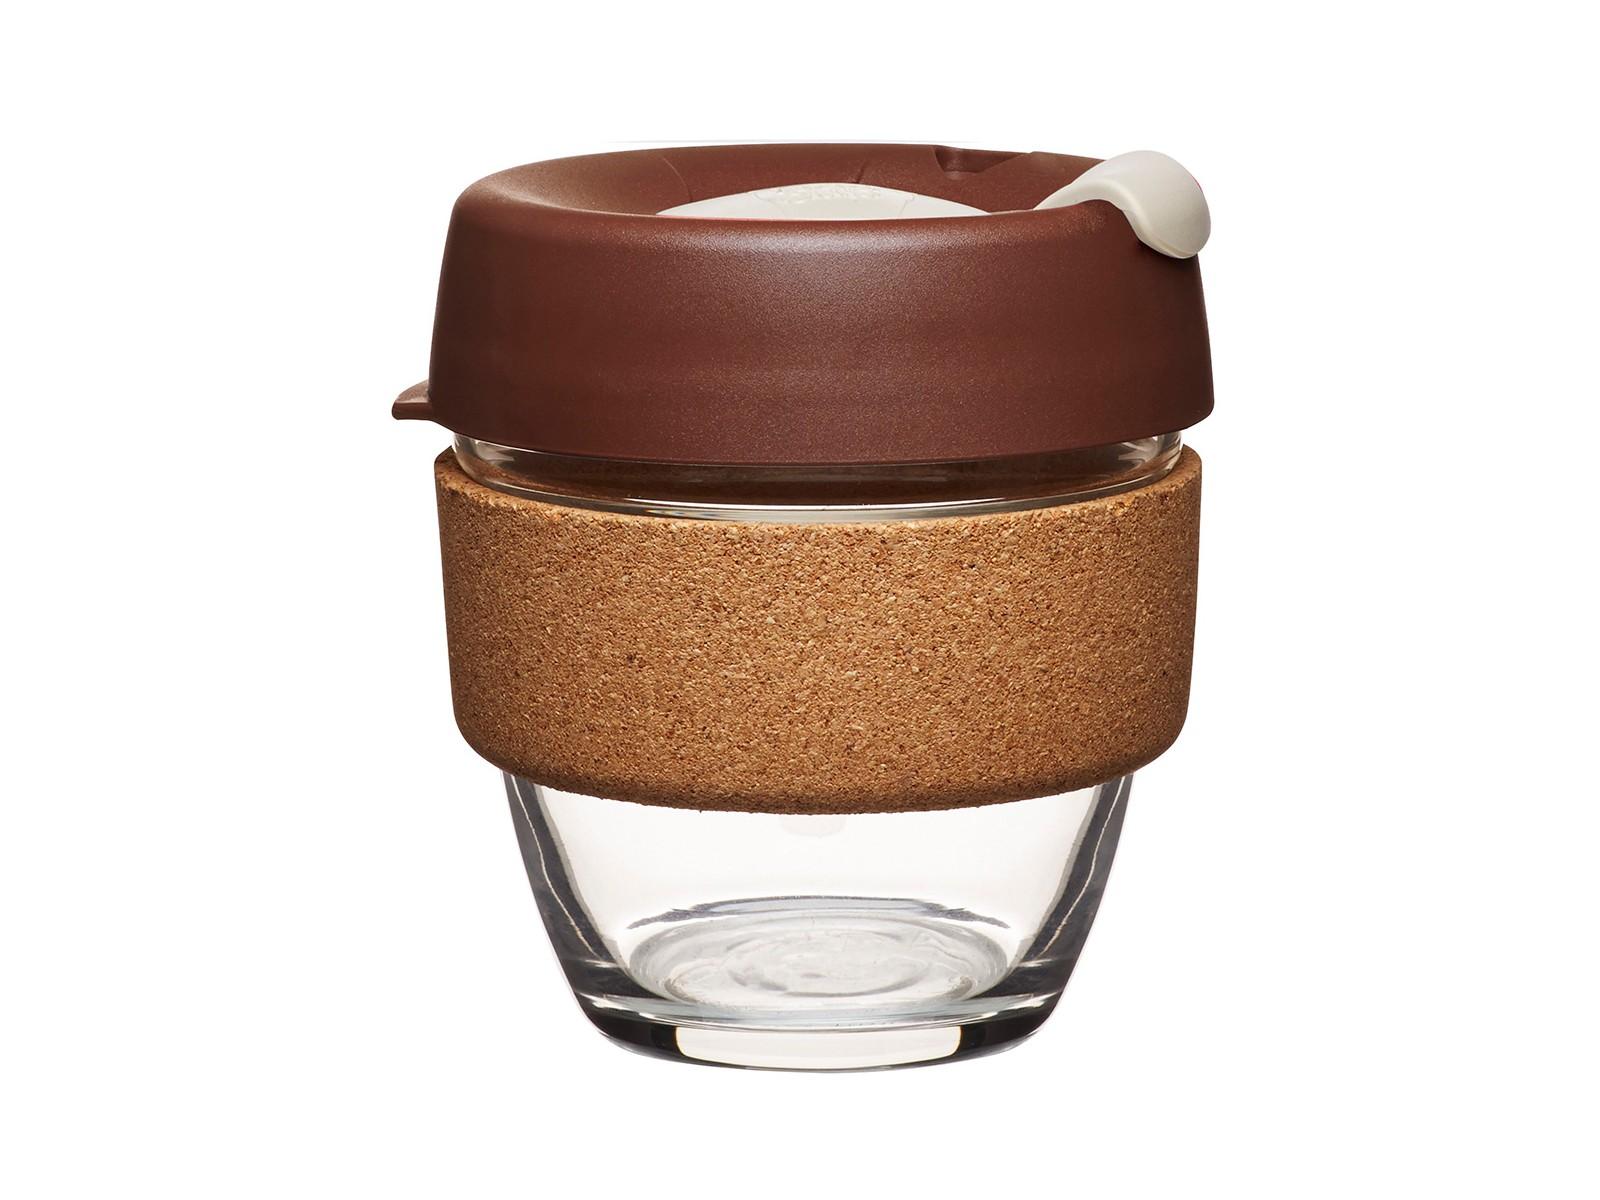 Кружка Keepcup almond limitedЧайные пары, чашки и кружки<br>Главная идея KeepCup – вдохновить любителей кофе отказаться от использования одноразовых бумажных и пластиковых стаканов, так как их производство и утилизация наносят вред окружающей среде. В год производится и выбрасывается около 500 миллиардов одноразовых стаканчиков, а ведь планета у нас всего одна! <br>Но главный плюс кружки  – привлекательный дизайн, который станет отражением вашего личного стиля. Берите её в кафе или наливайте кофе, чай, сок дома, чтобы взять с собой - пить вкусные напитки на ходу, на работе или на пикнике. Специальная крышка с открывающимся и закрывающимся клапаном спасет от брызг, плотный ободок поможет не обжечься (плюс, удобно держать кружку в руках.<br>Крышка сделана без содержания вредного бисфенола (BPA-free). Корпус - из закаленного стекла, устойчивого к термическому и механическому воздействию.&amp;lt;div&amp;gt;&amp;lt;br&amp;gt;&amp;lt;/div&amp;gt;&amp;lt;div&amp;gt;Объем: 227 мл.&amp;lt;br&amp;gt;&amp;lt;/div&amp;gt;<br><br>Material: Стекло<br>Height см: 10<br>Diameter см: 8